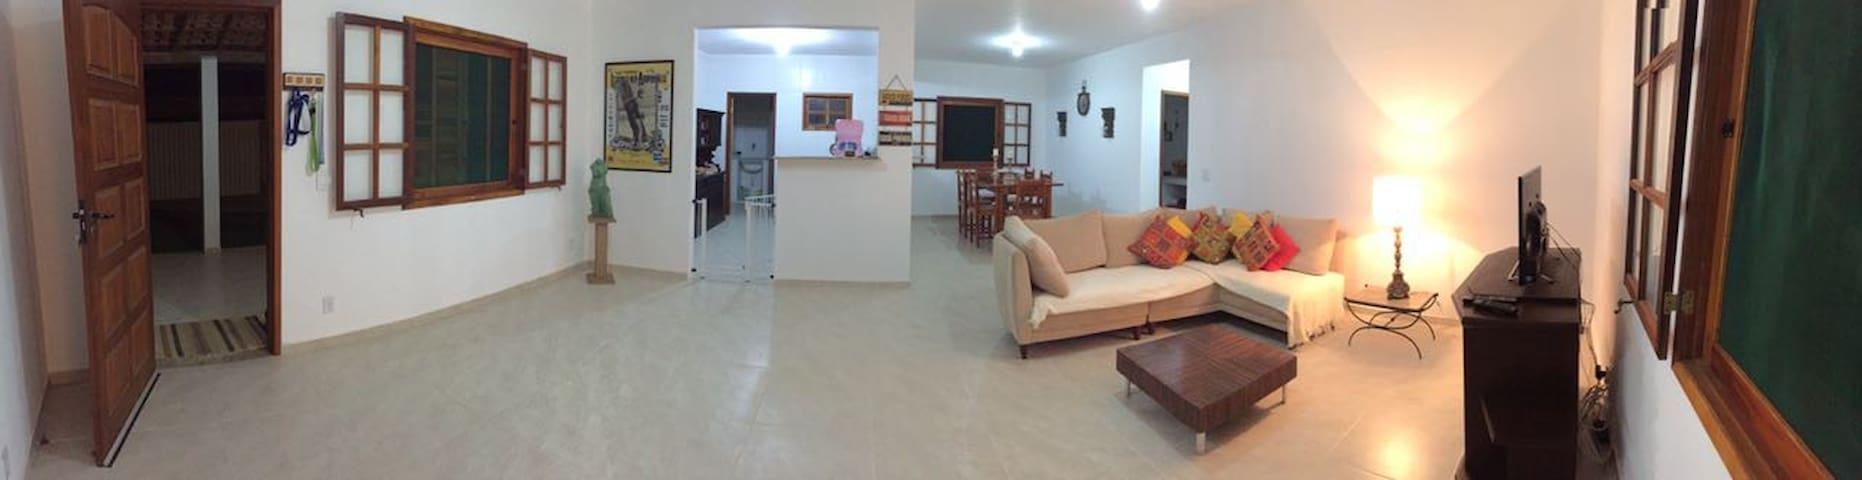 Casa em Repouso de Itaúna - Saquarema - Saquarema - Talo